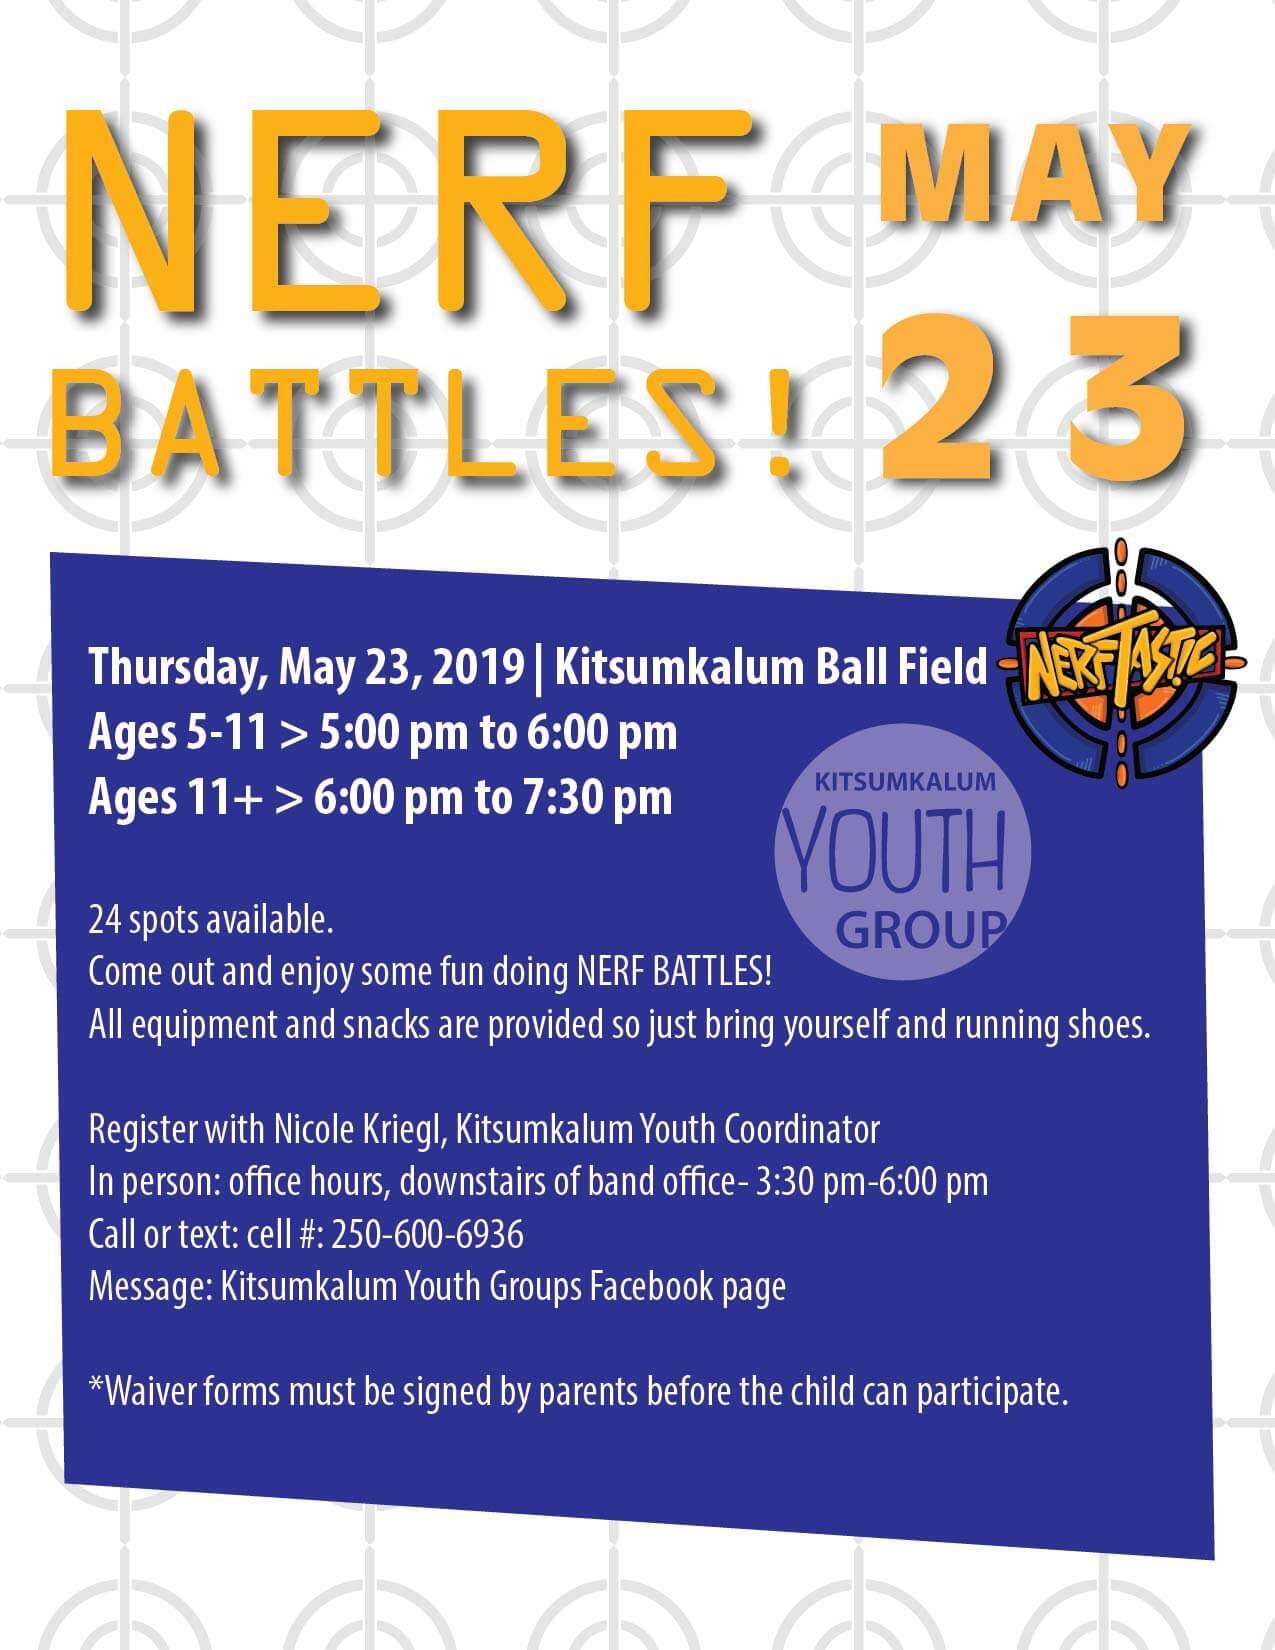 Kitsumkalum Youth Group NERF BATTLES May 23